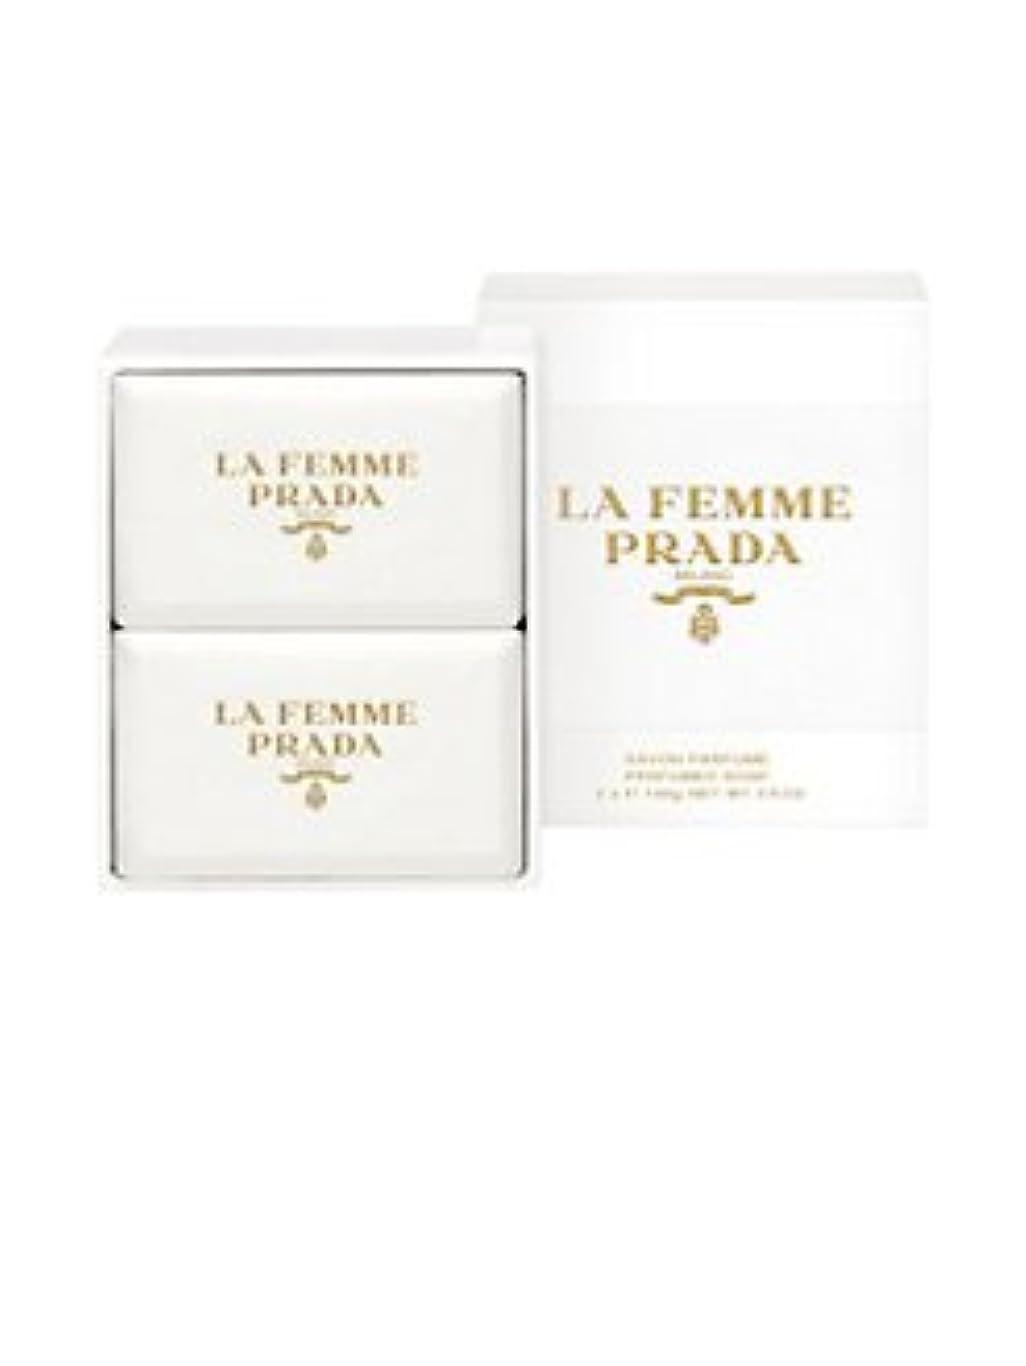 委任望み熟すLa Femme Prada (ラ フェム プラダ) 1.75 oz (52ml) Soap (石鹸) x 2個 for Women